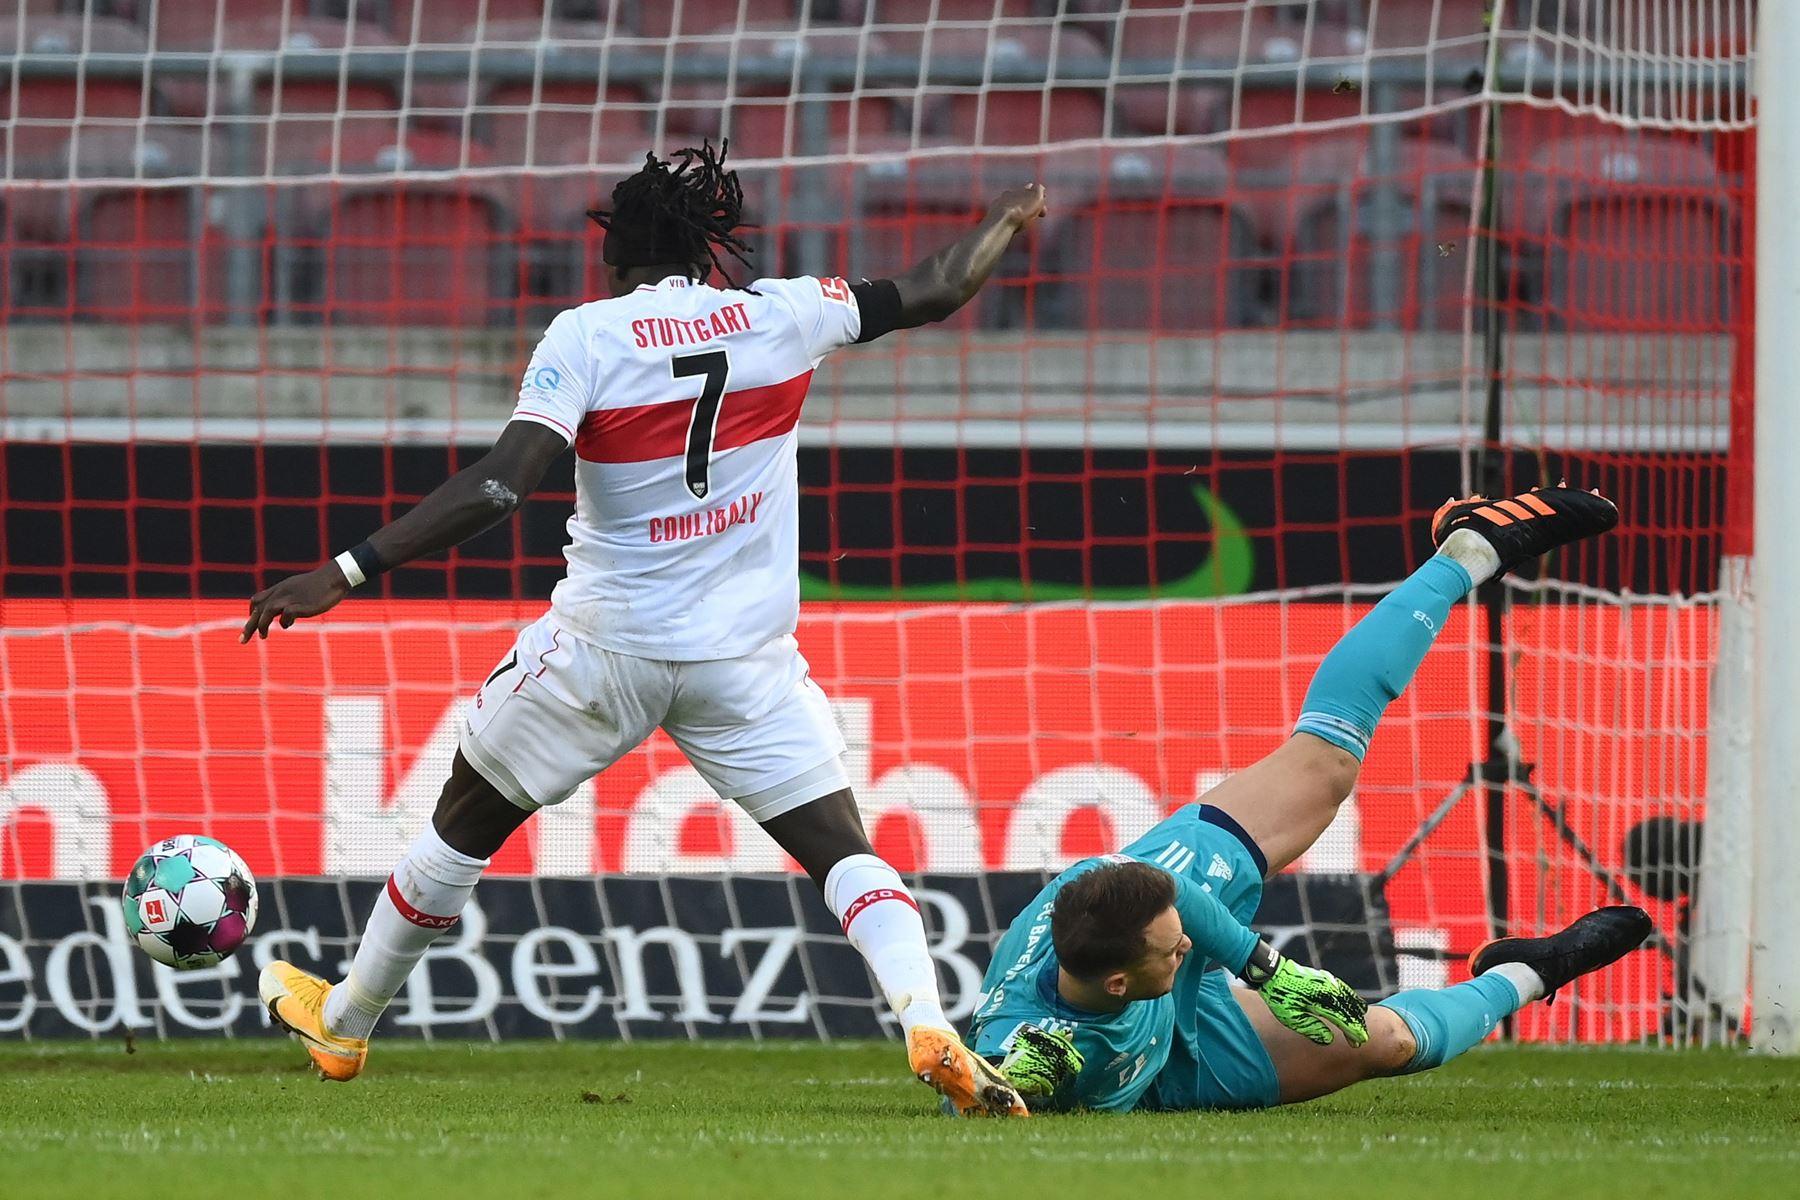 Tanguy Coulibaly de Stuttgart marca la ventaja 1-0 contra el portero del Bayern Múnich Manuel Neuer durante el partido de fútbol de la Bundesliga. Foto: EFE